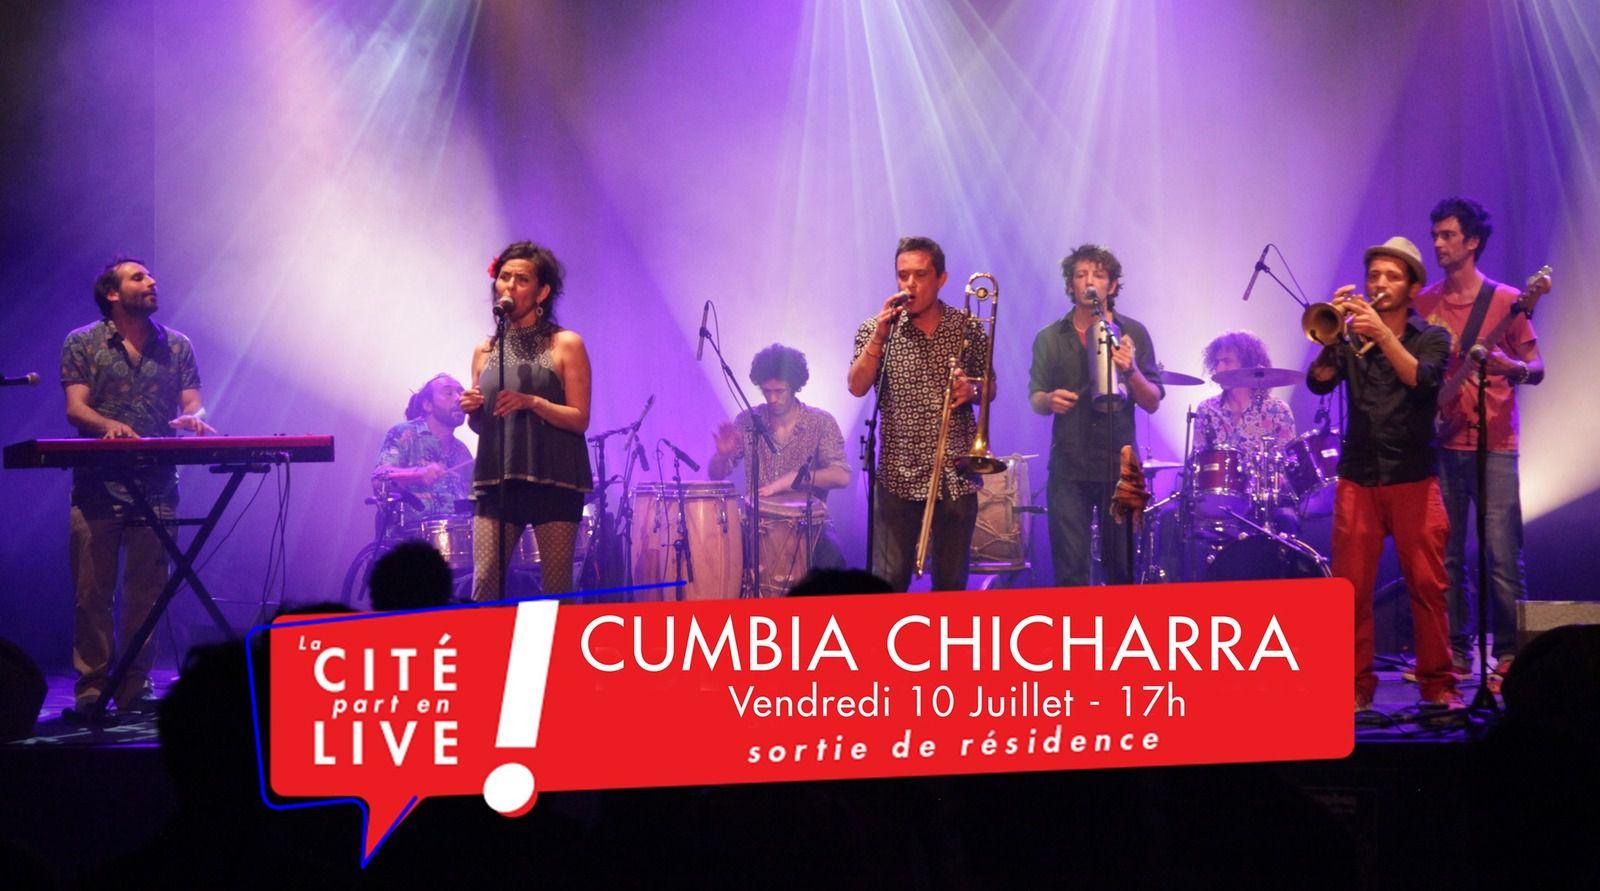 La Cité part en live ! La Cumbia Chicharra